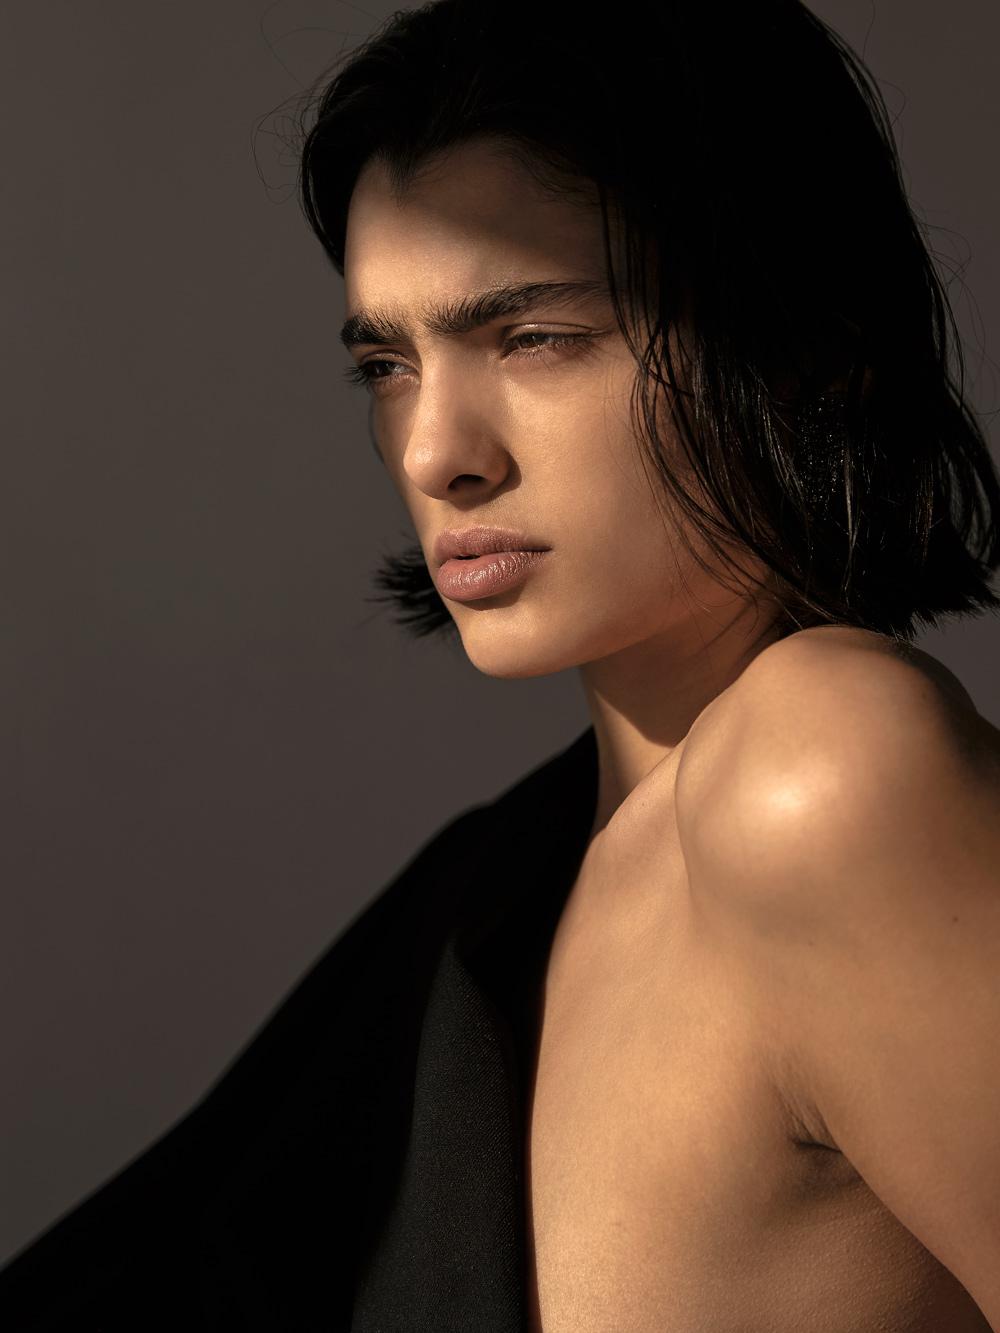 Danielle PREMIER Models